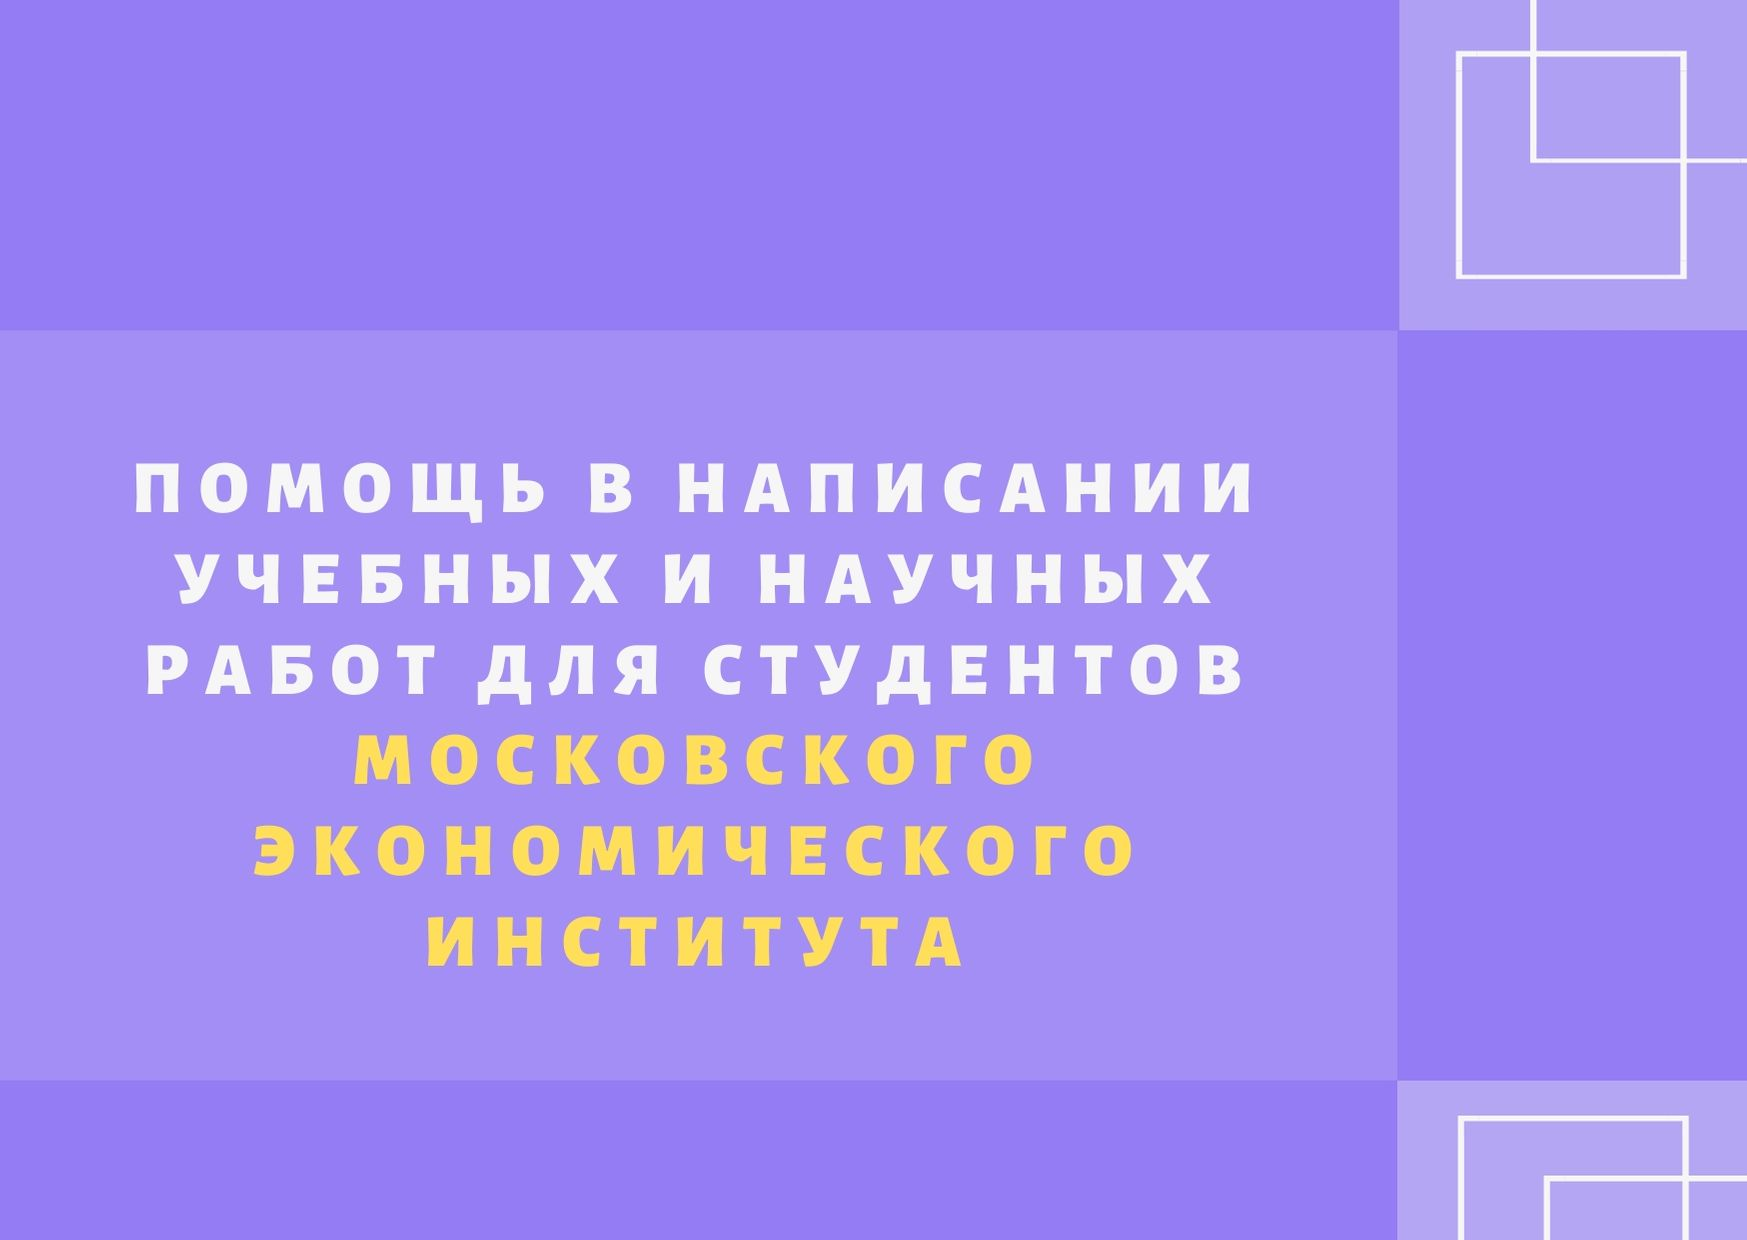 Помощь в написании учебных и научных работ для студентов Московского экономического института